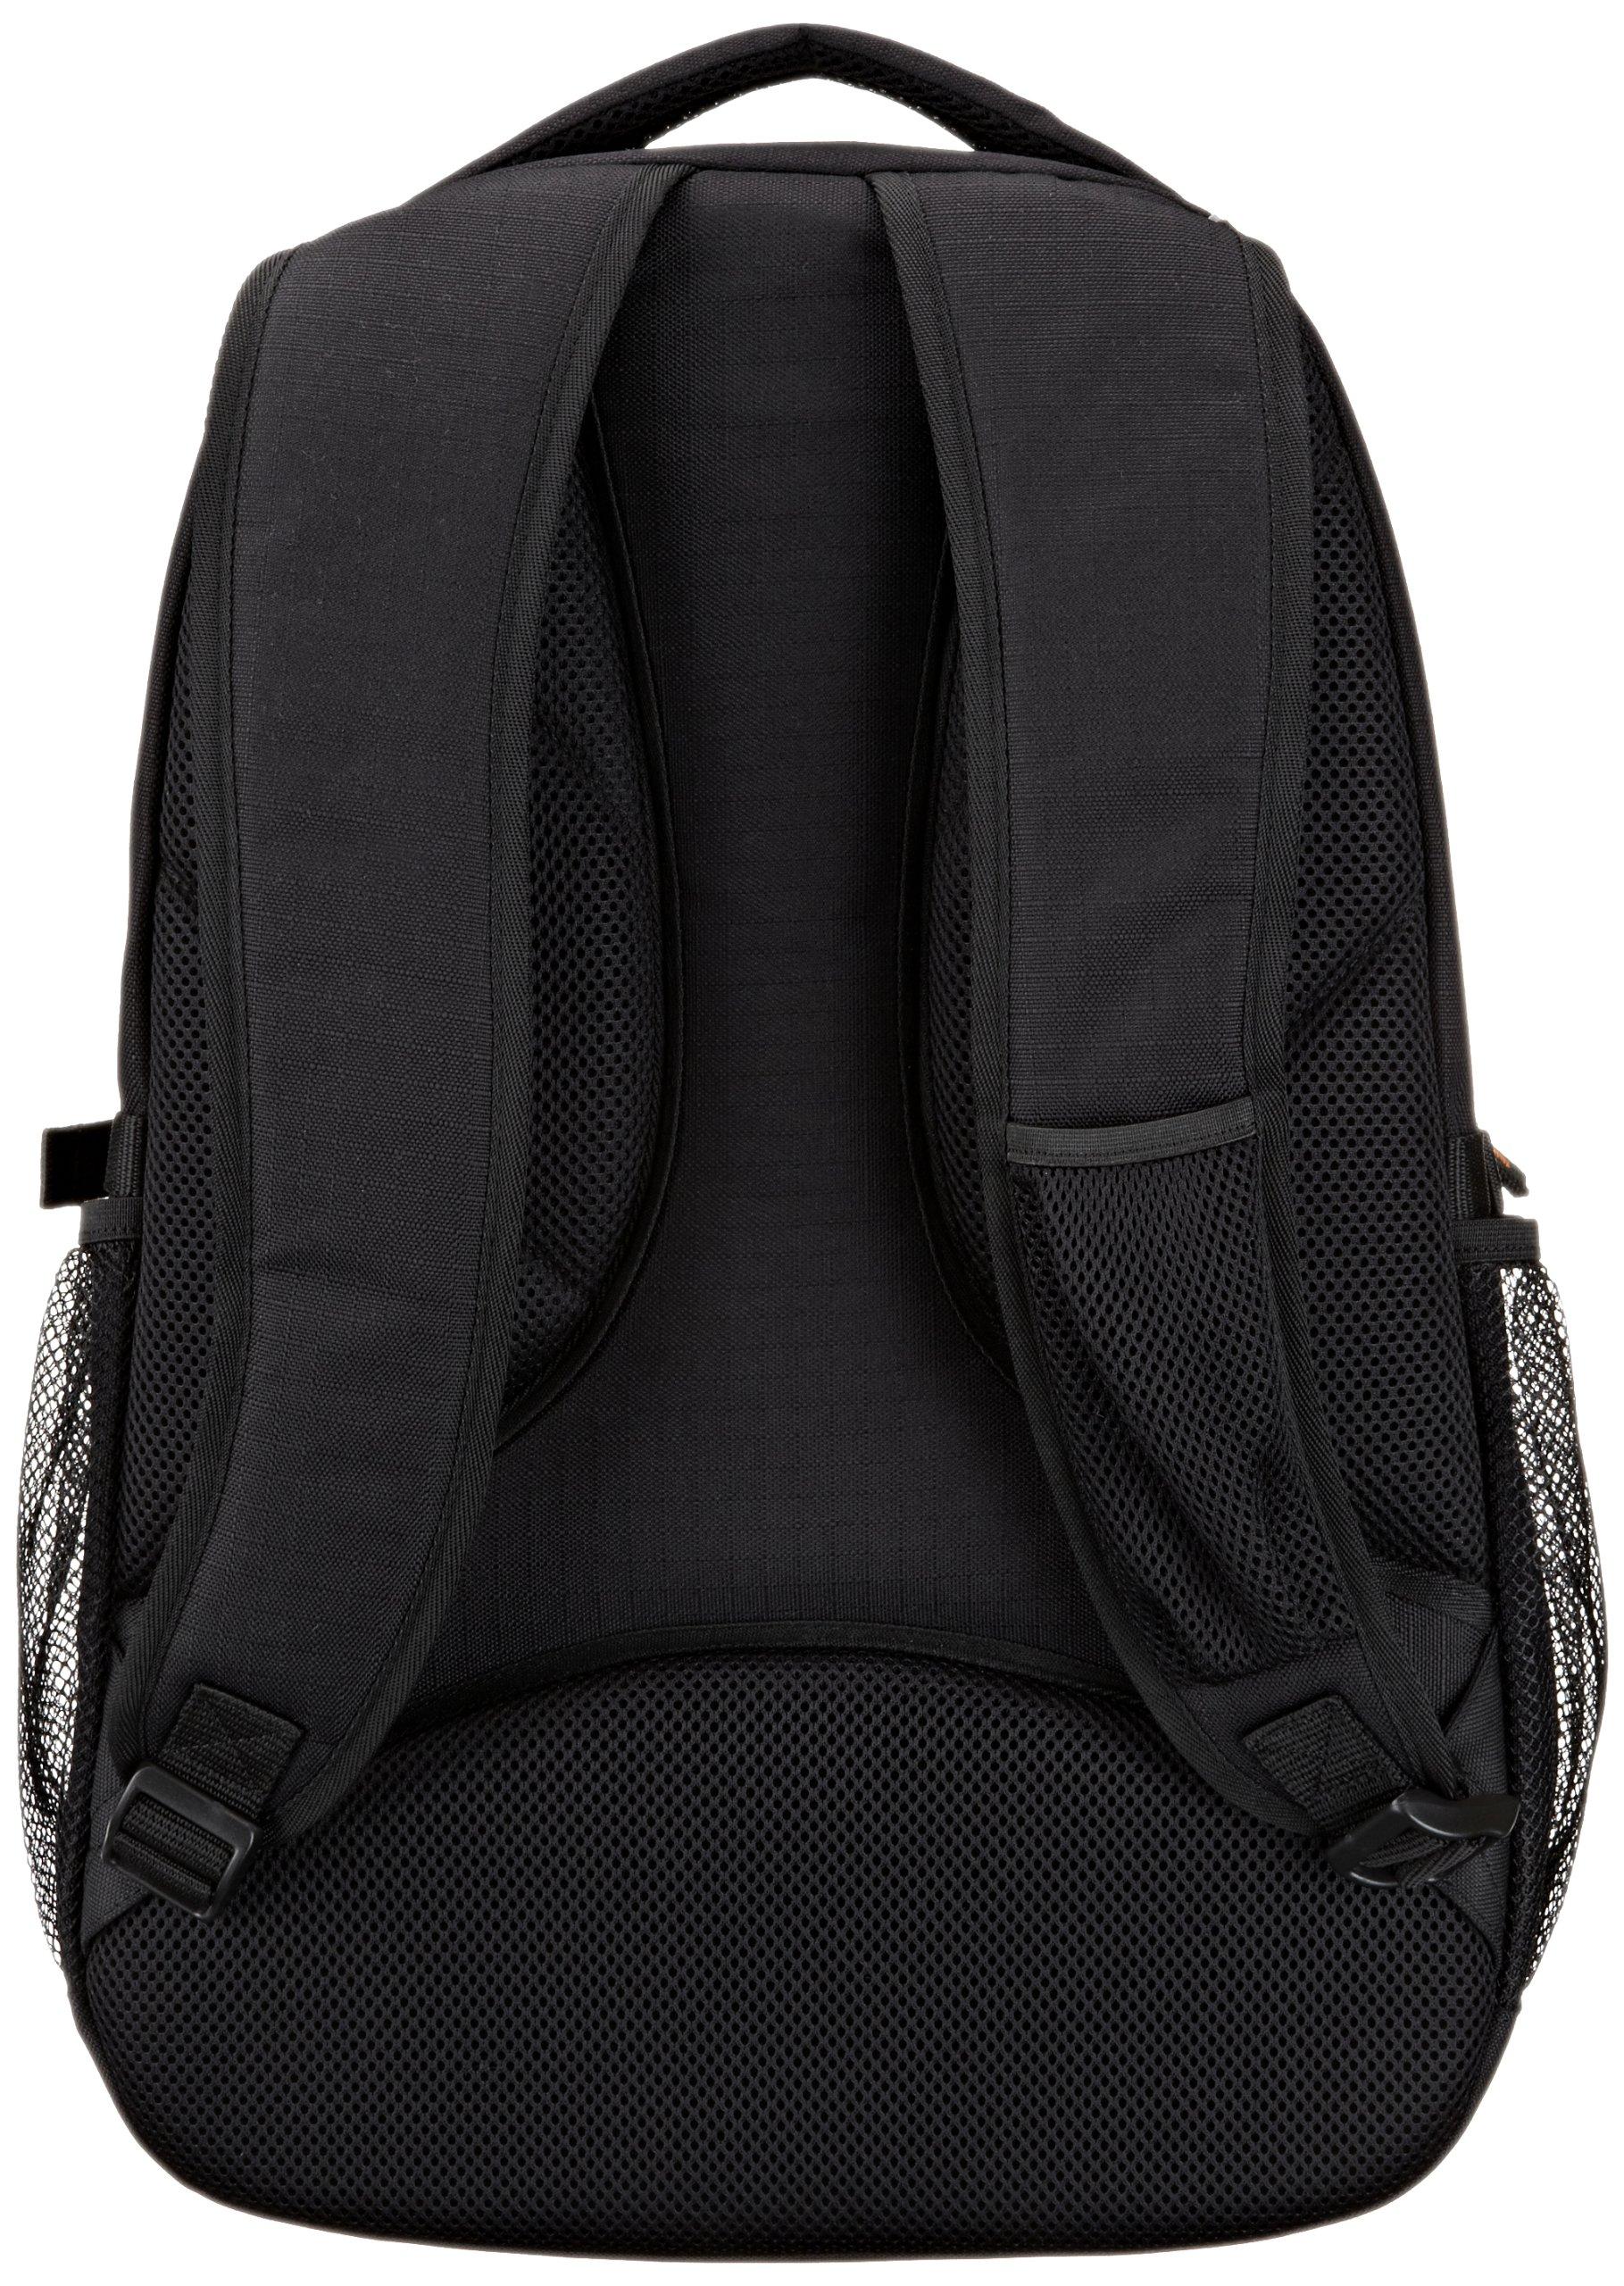 AmazonBasics Backpack for Laptops up to 17-inches by AmazonBasics (Image #3)